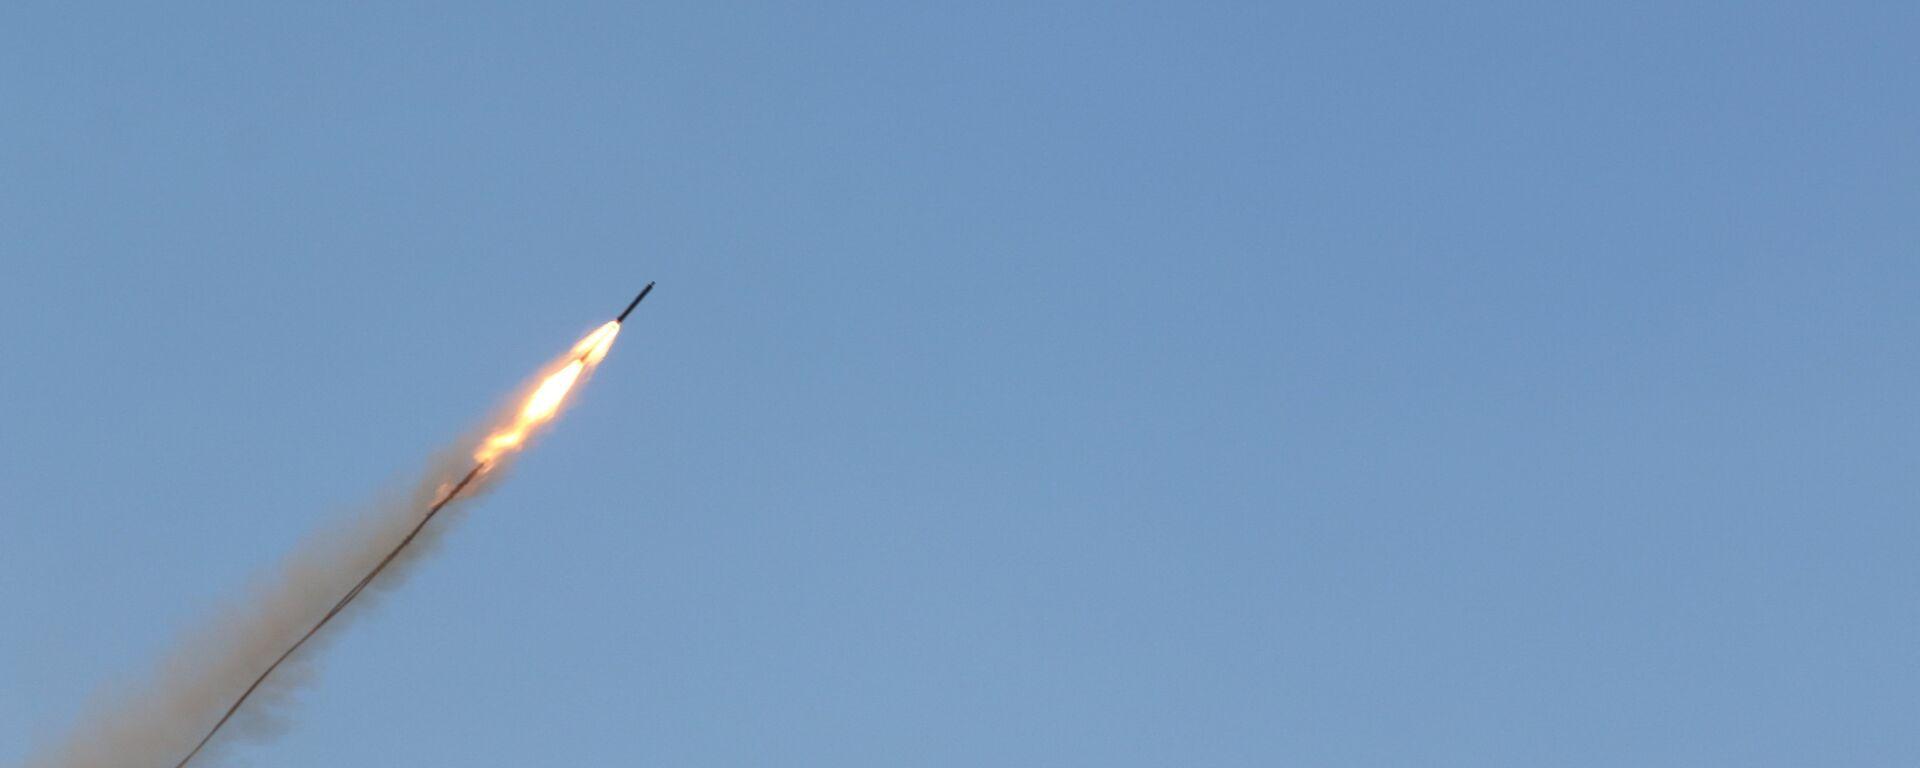 Un misil (imagen referencial) - Sputnik Mundo, 1920, 21.07.2021